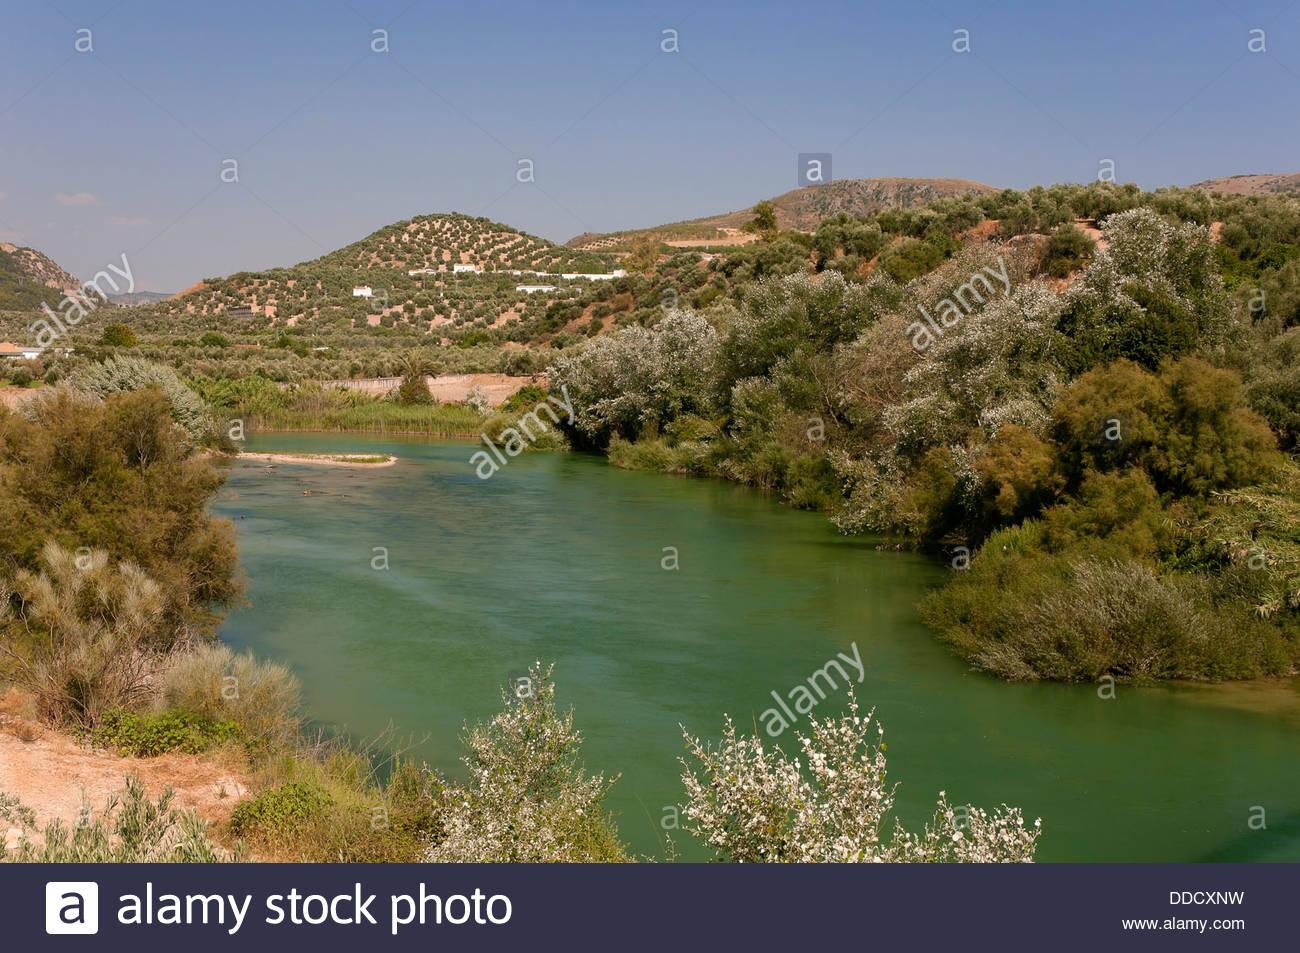 Genil River, Cuevas De San Marcos, Malaga.